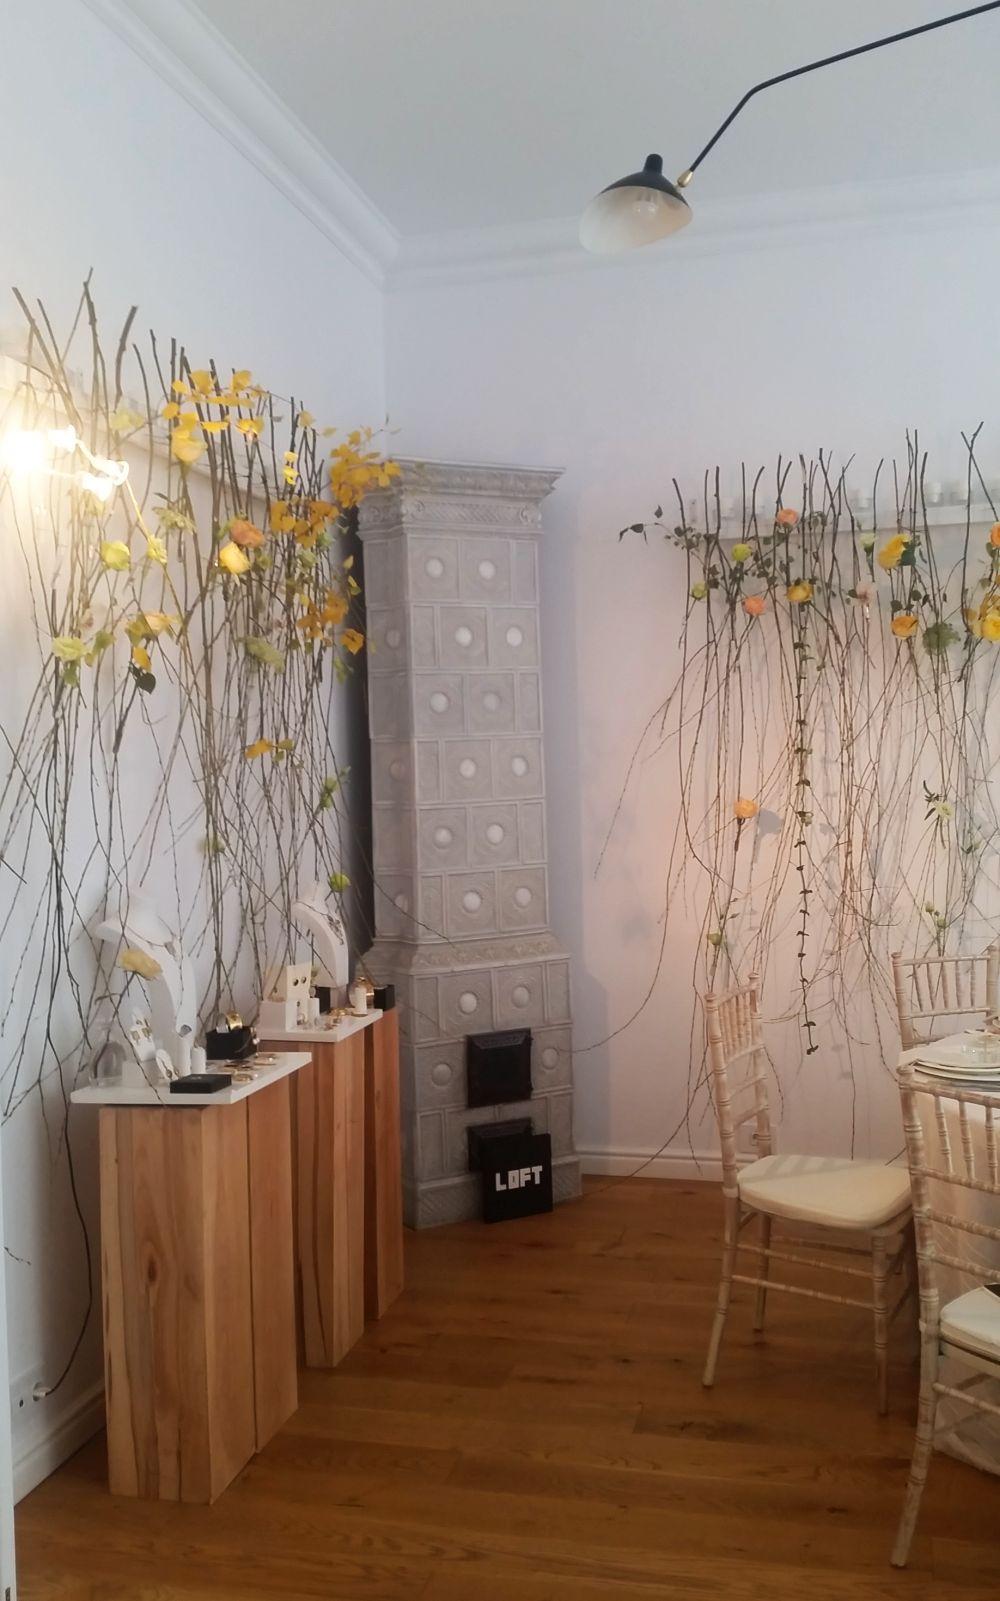 adelaparvu-com-despre-the-wedding-gallery-2016-floraria-iris-design-nicu-bocancea-48